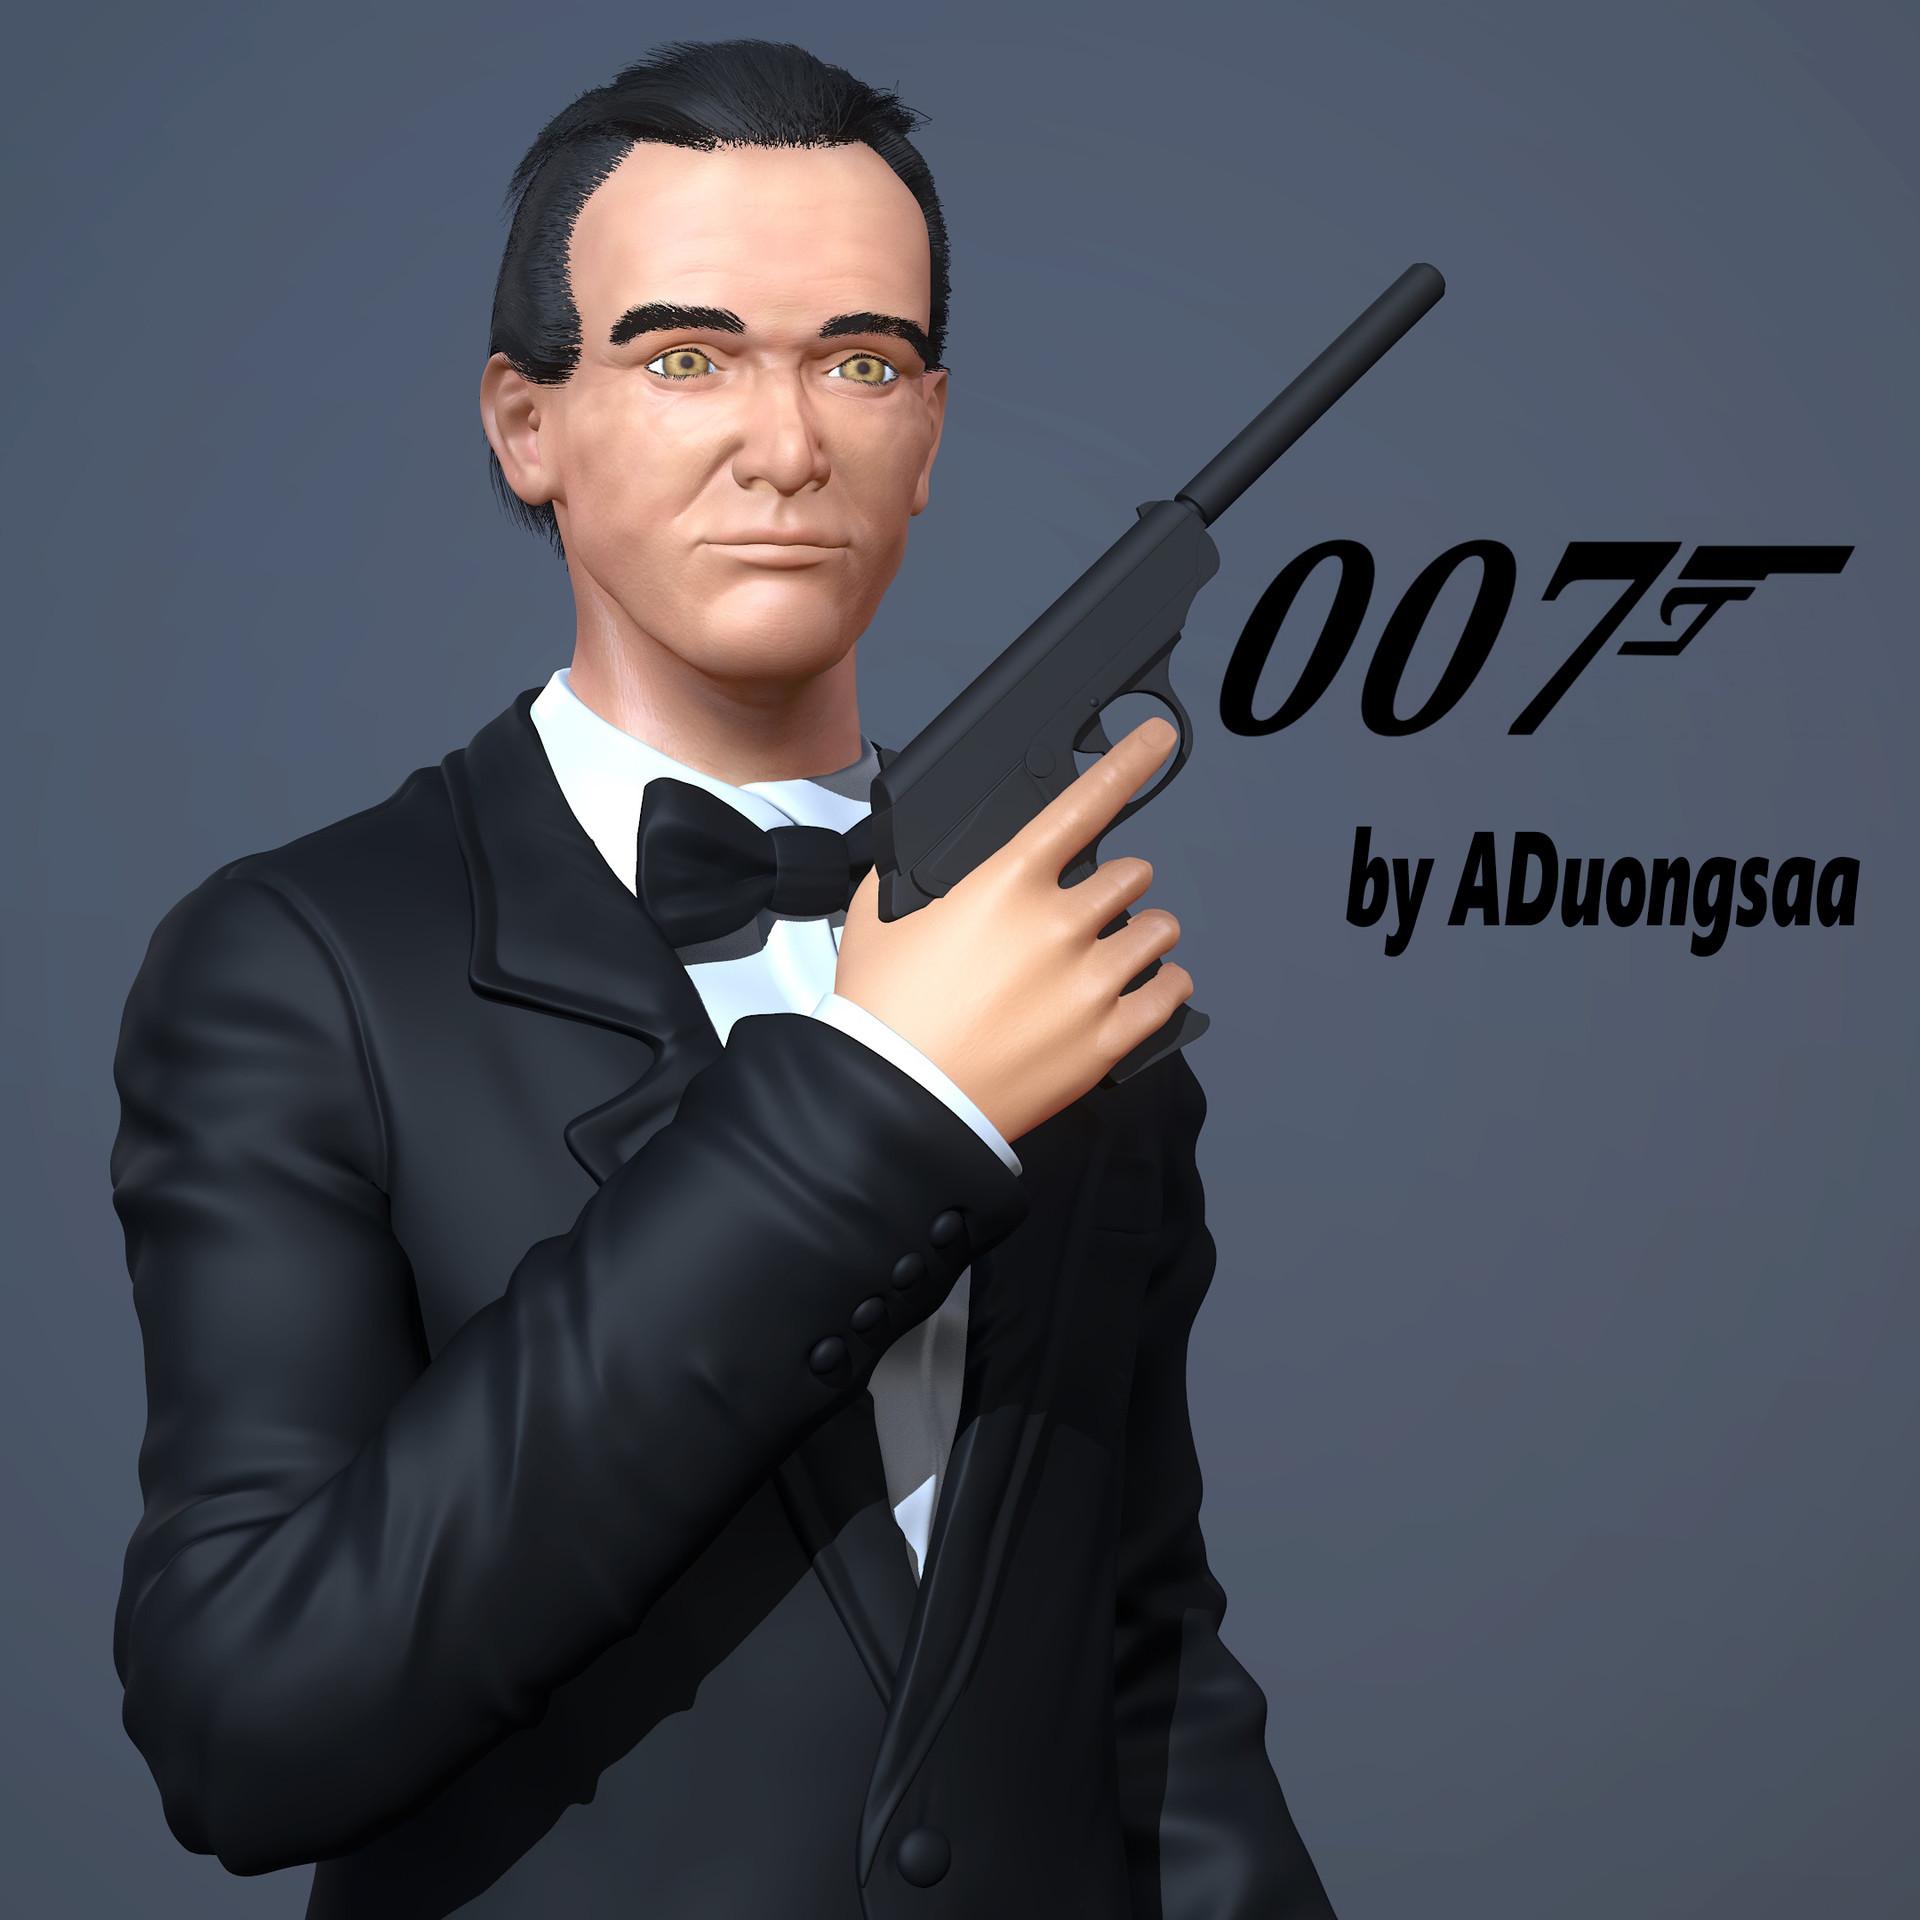 Assani duongsaa render 007 closeup